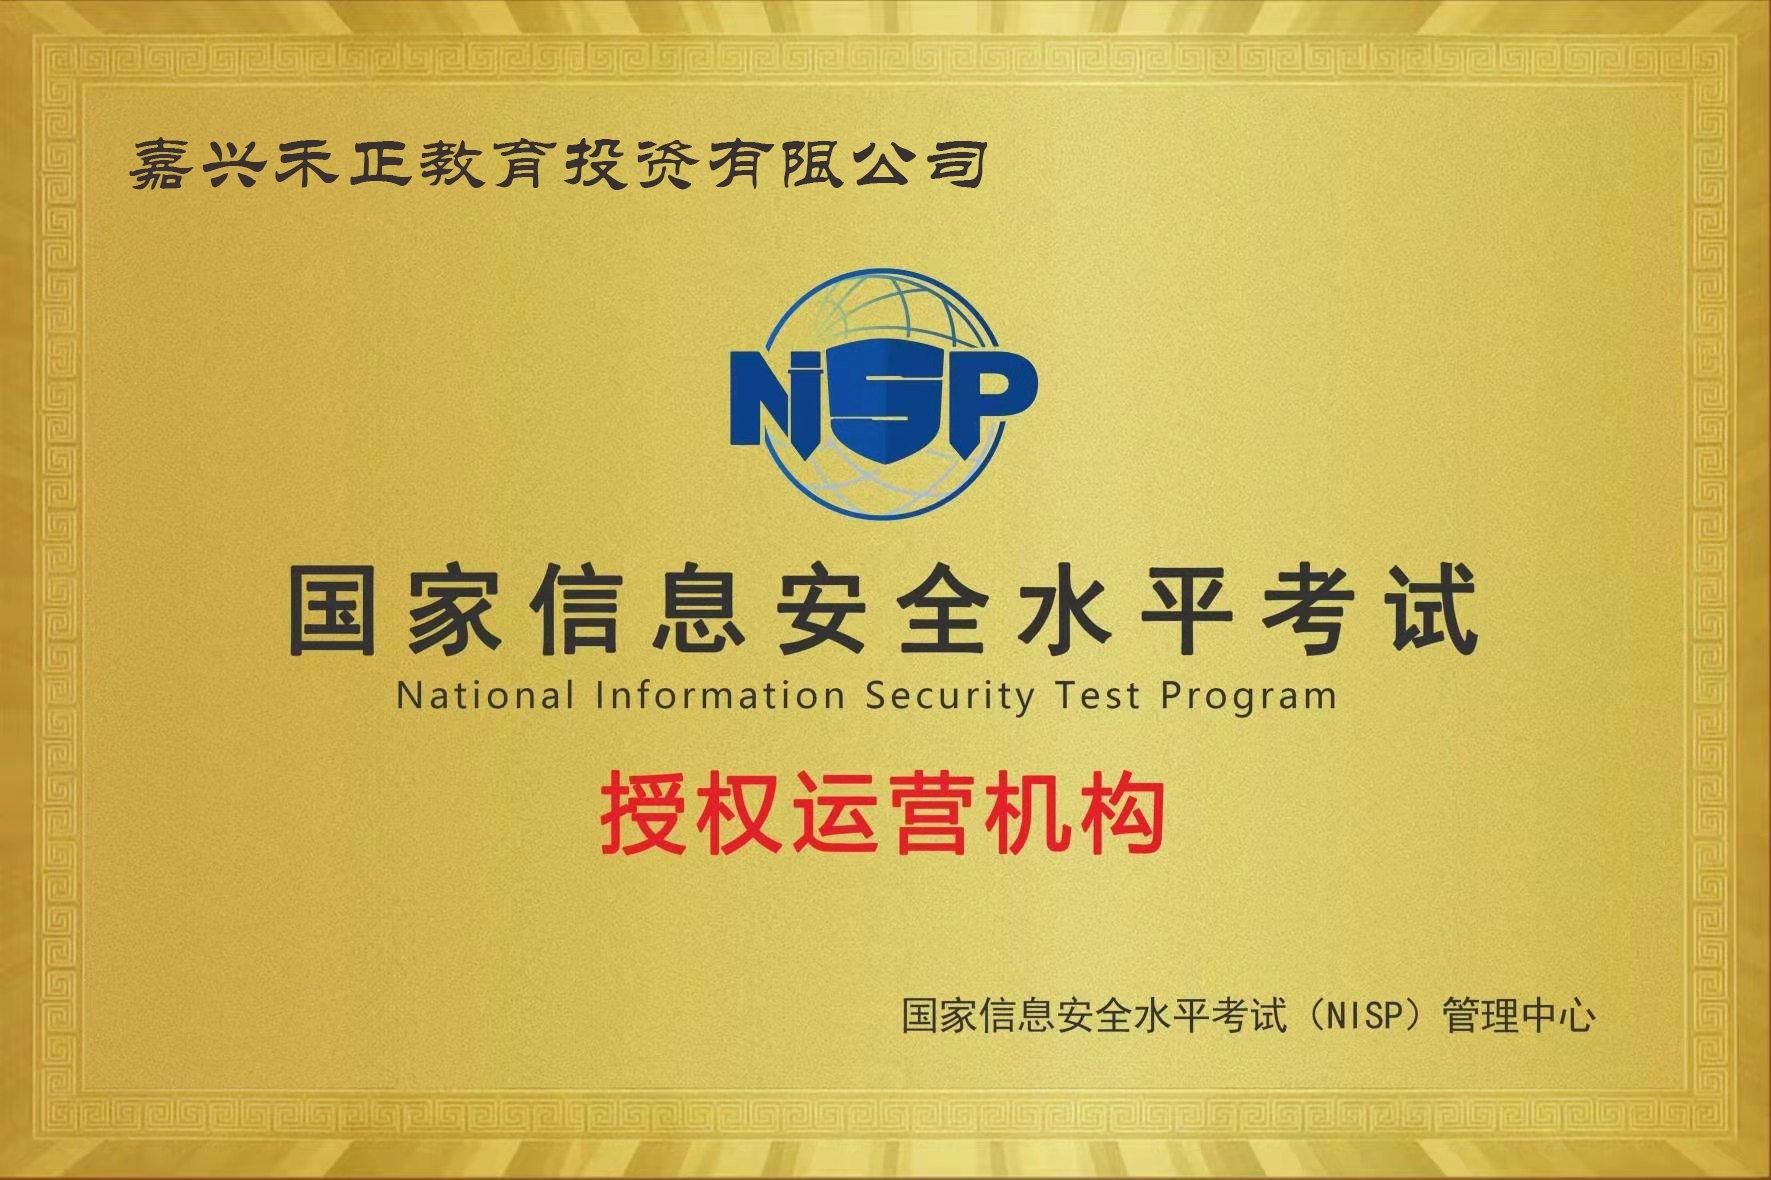 嘉兴禾正教育投资有限公司被授予NISP授权运营机构